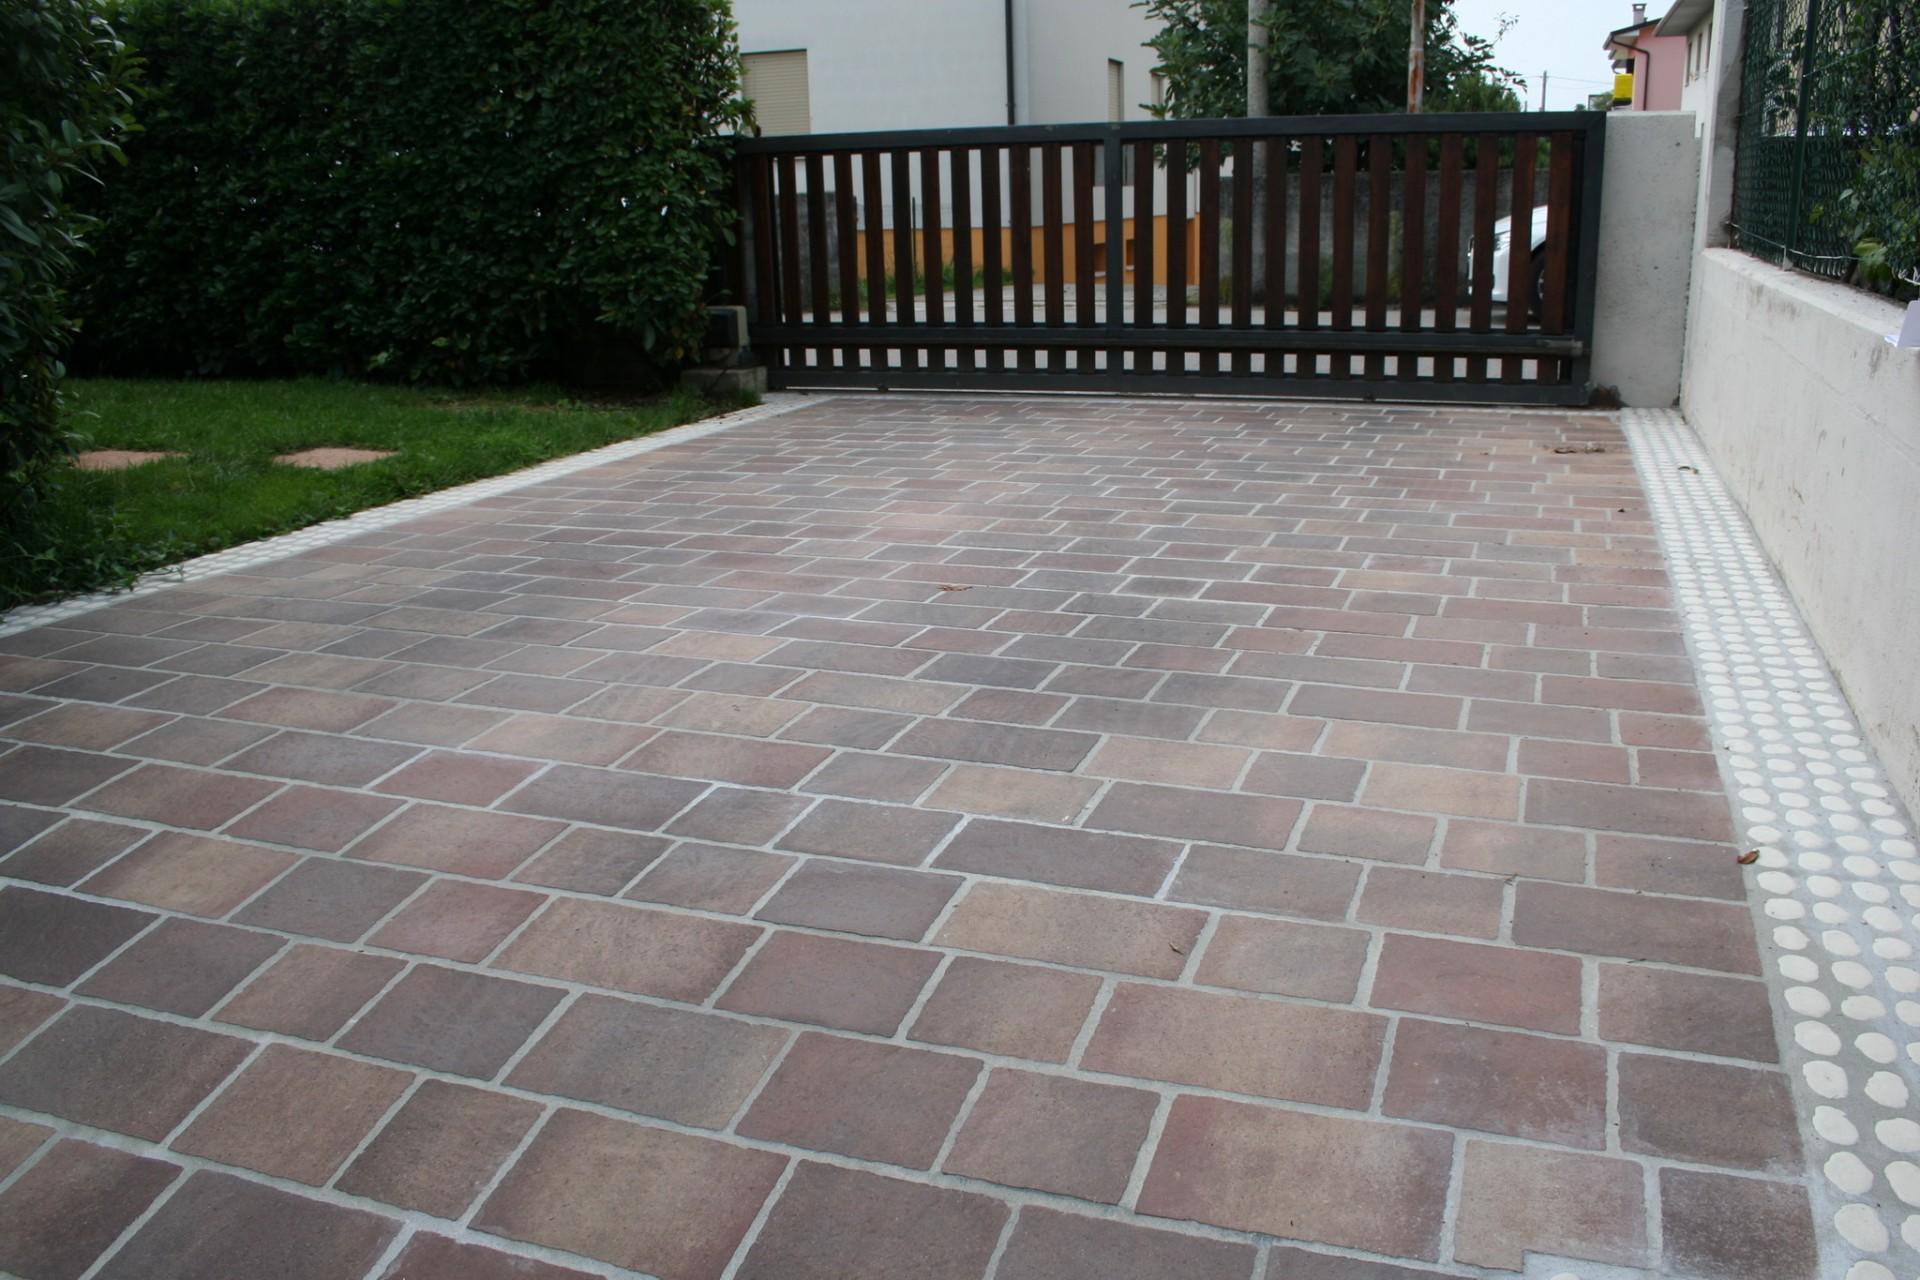 Piastrelle per esterno porfido plm pavimenti per esterni in pietra in sampietrini con disegni - Piastrelle in porfido prezzi ...